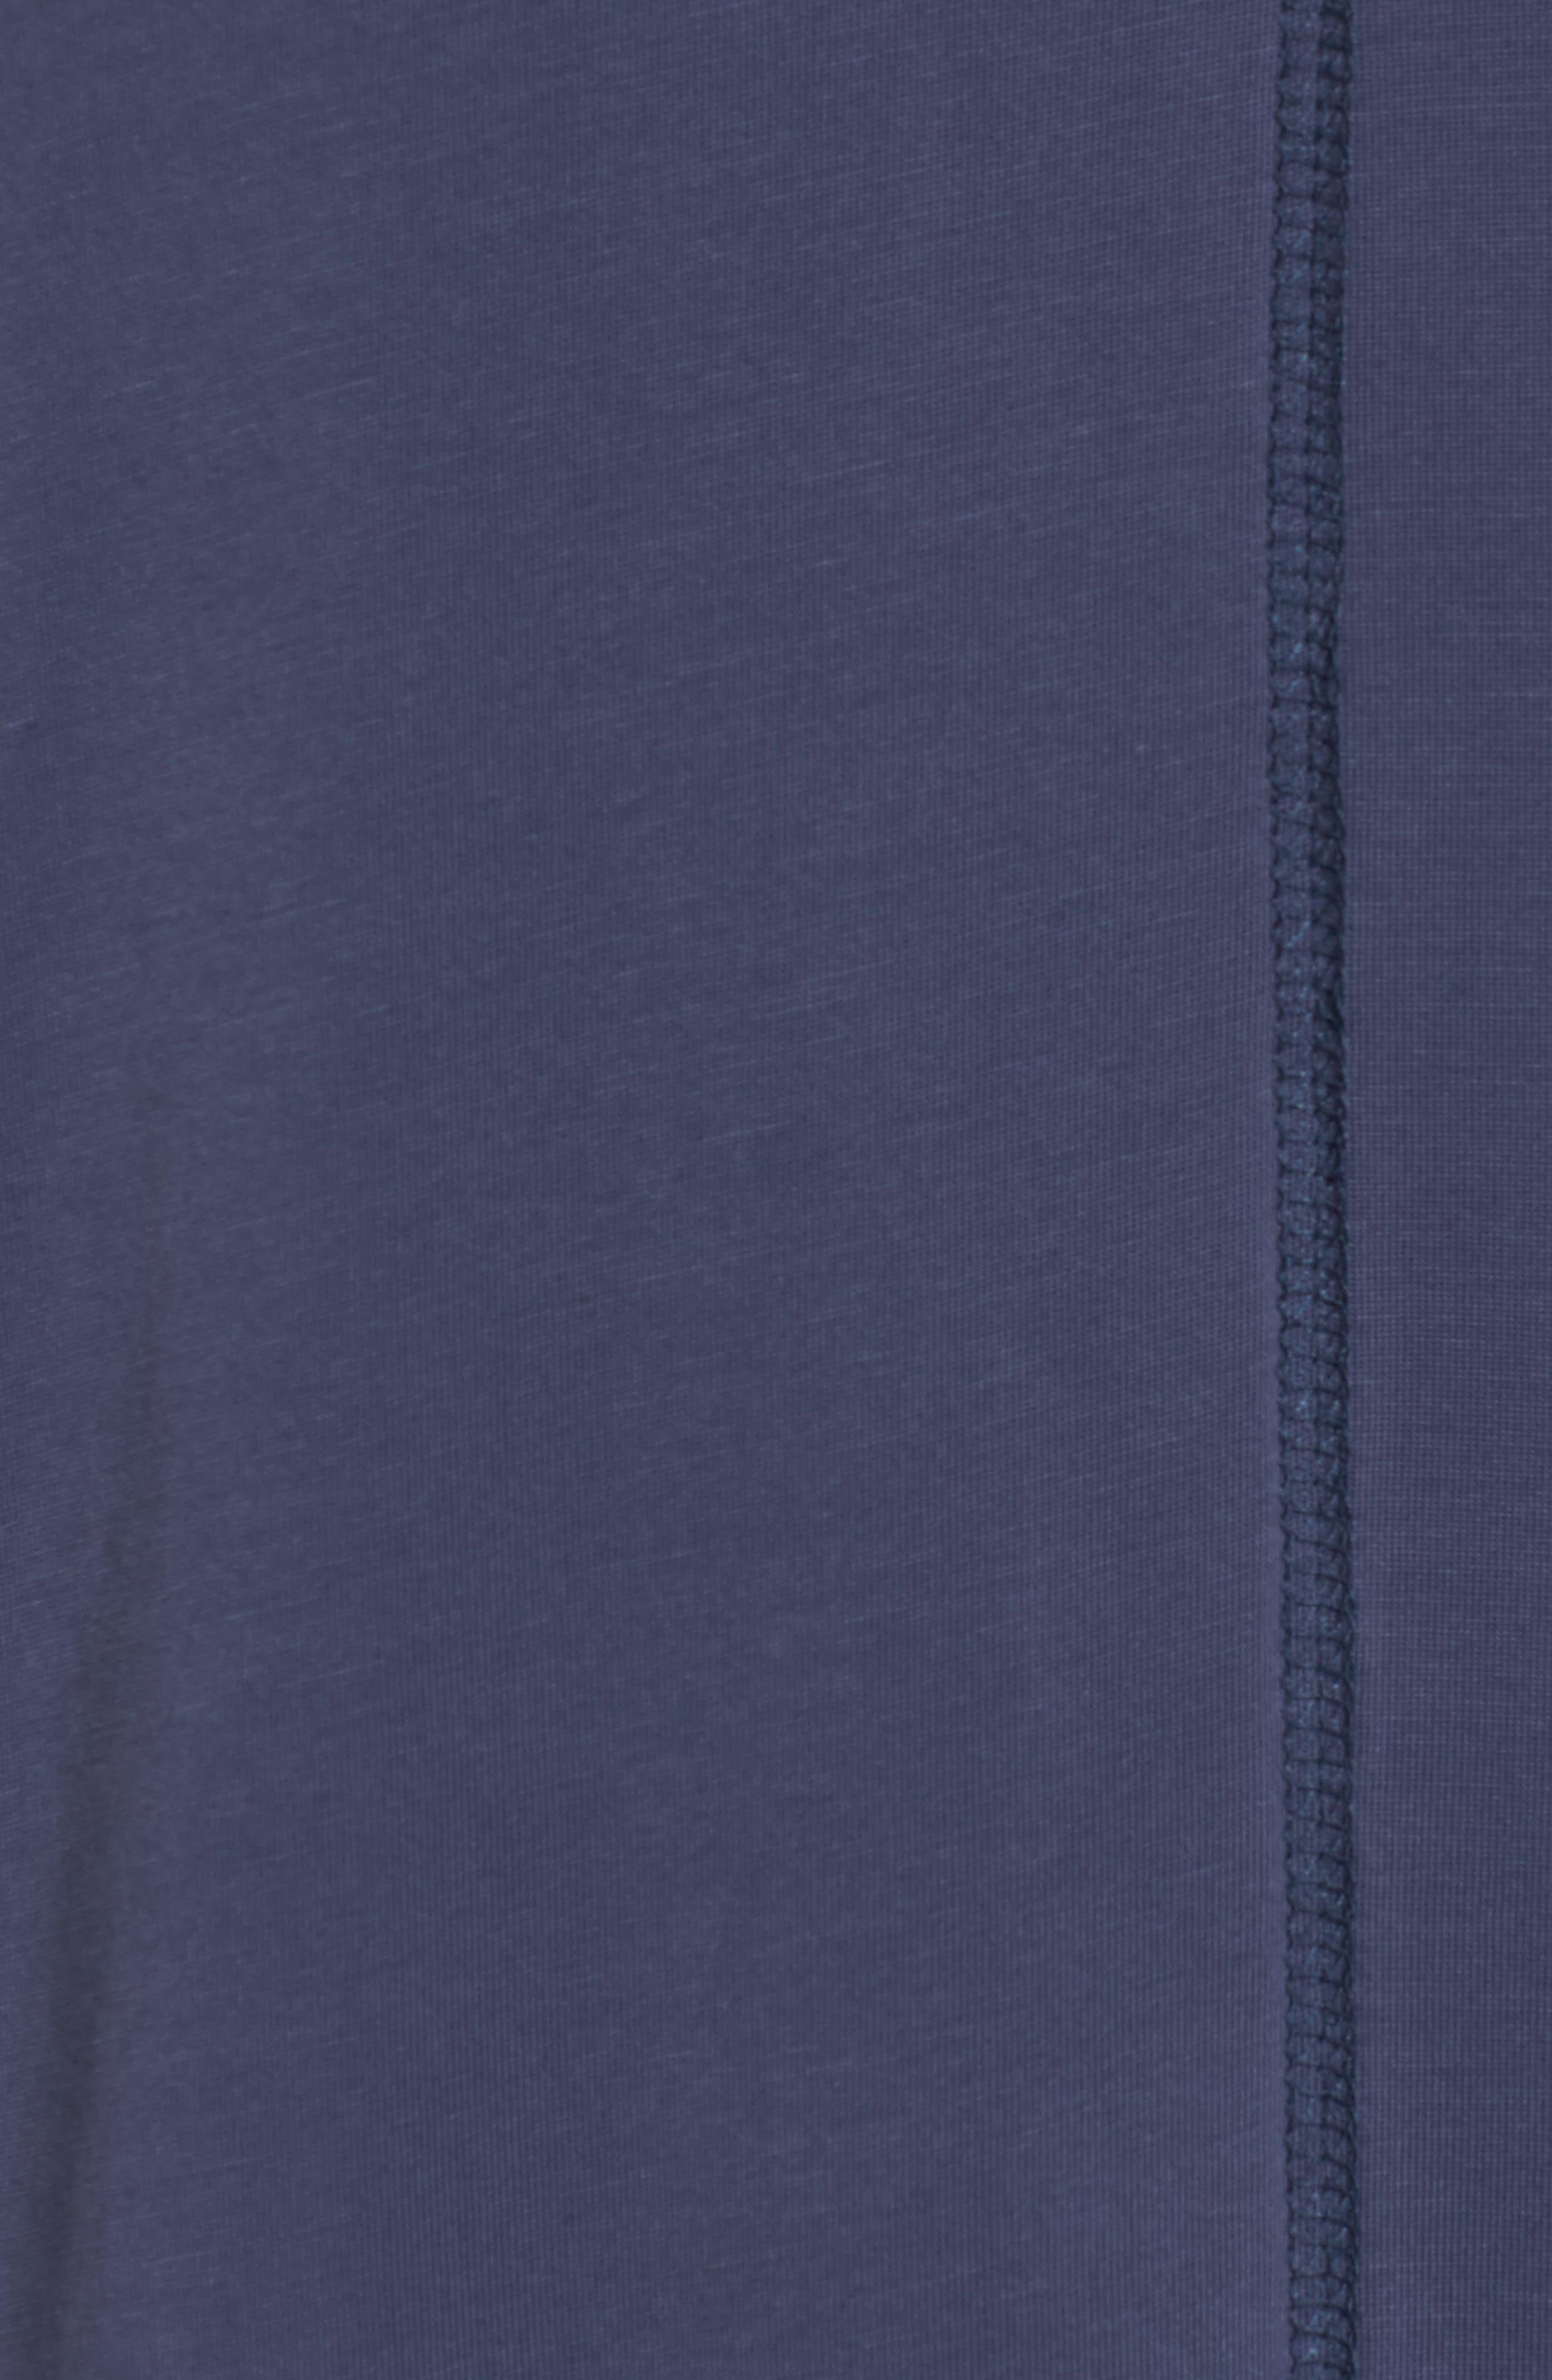 Twisted Cold Shoulder Dress,                             Alternate thumbnail 5, color,                             Denim Navy